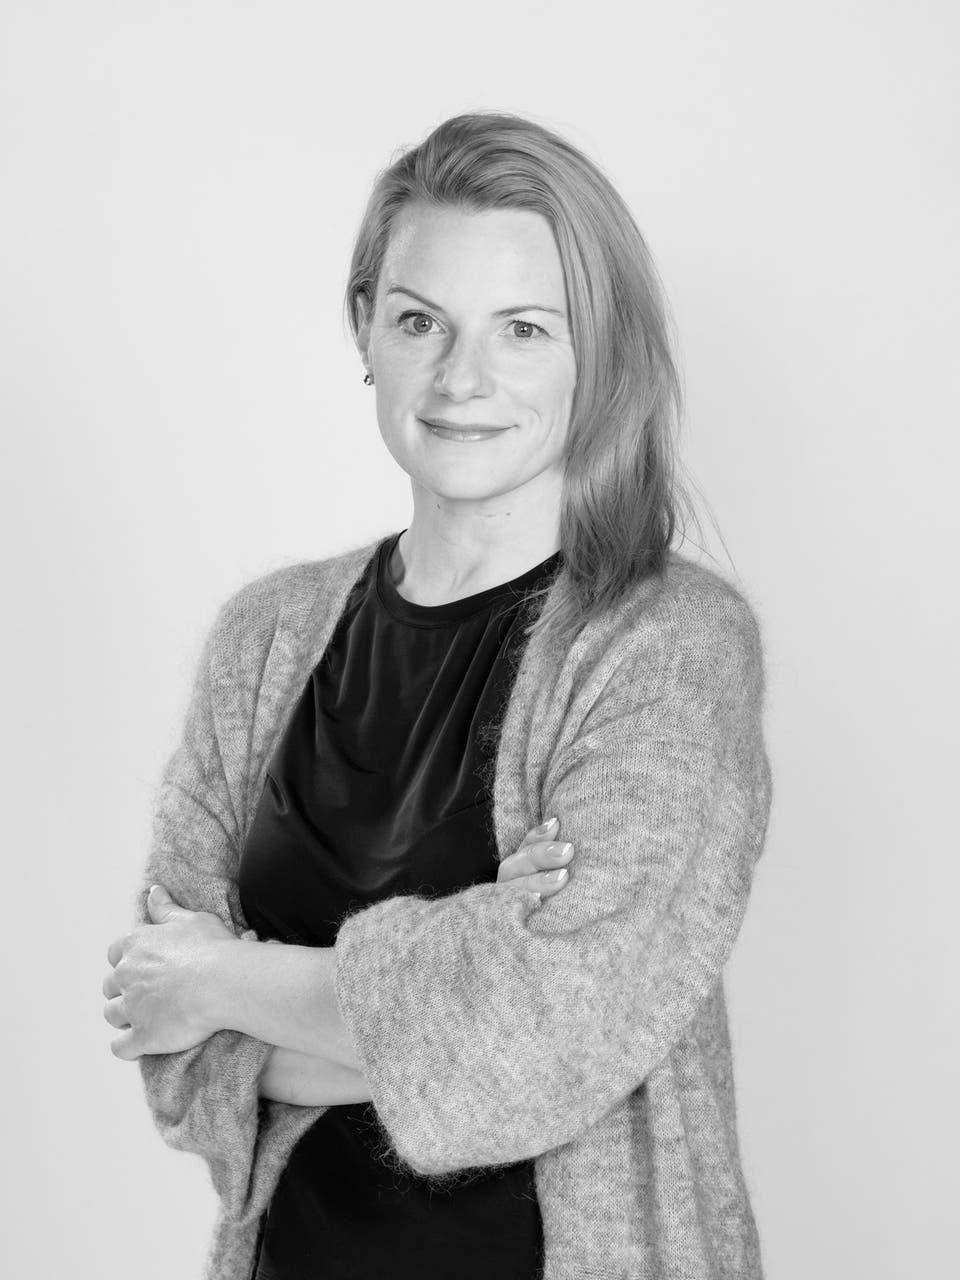 Maria von Zweigbergk